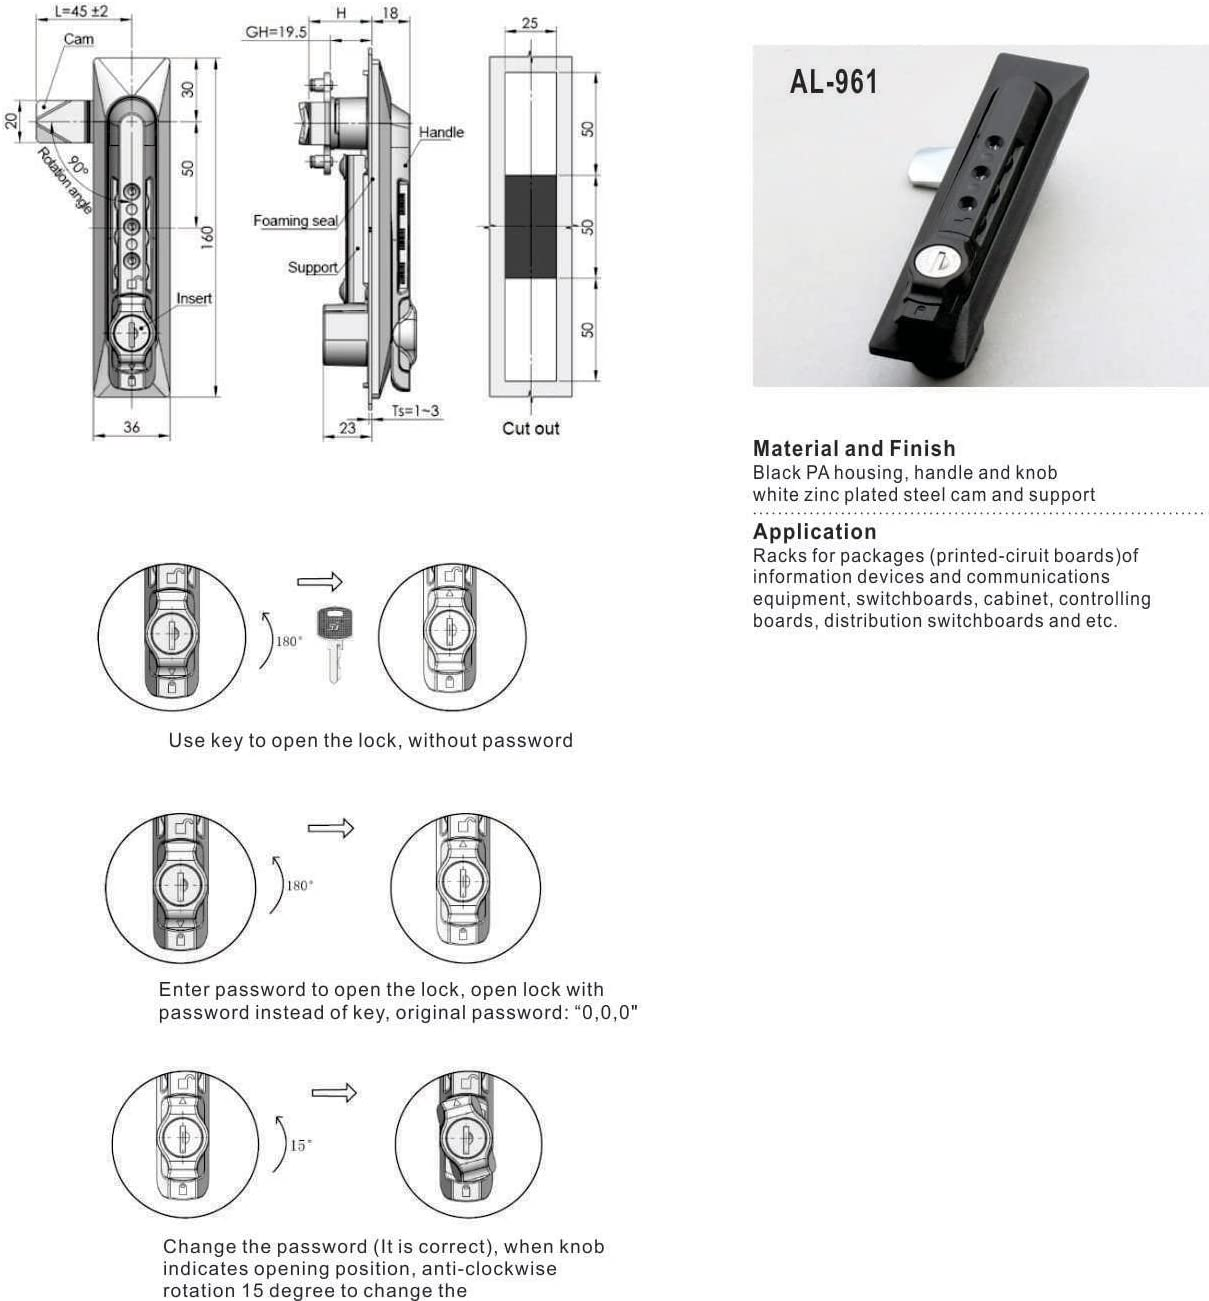 OWACH Combination Lock Handles AL-961 for APC Rack Enclosure Cabinet Replace APC AR8132A/ EMKA 1155-U1/Tripp Lite SRCOMBO Qty 1